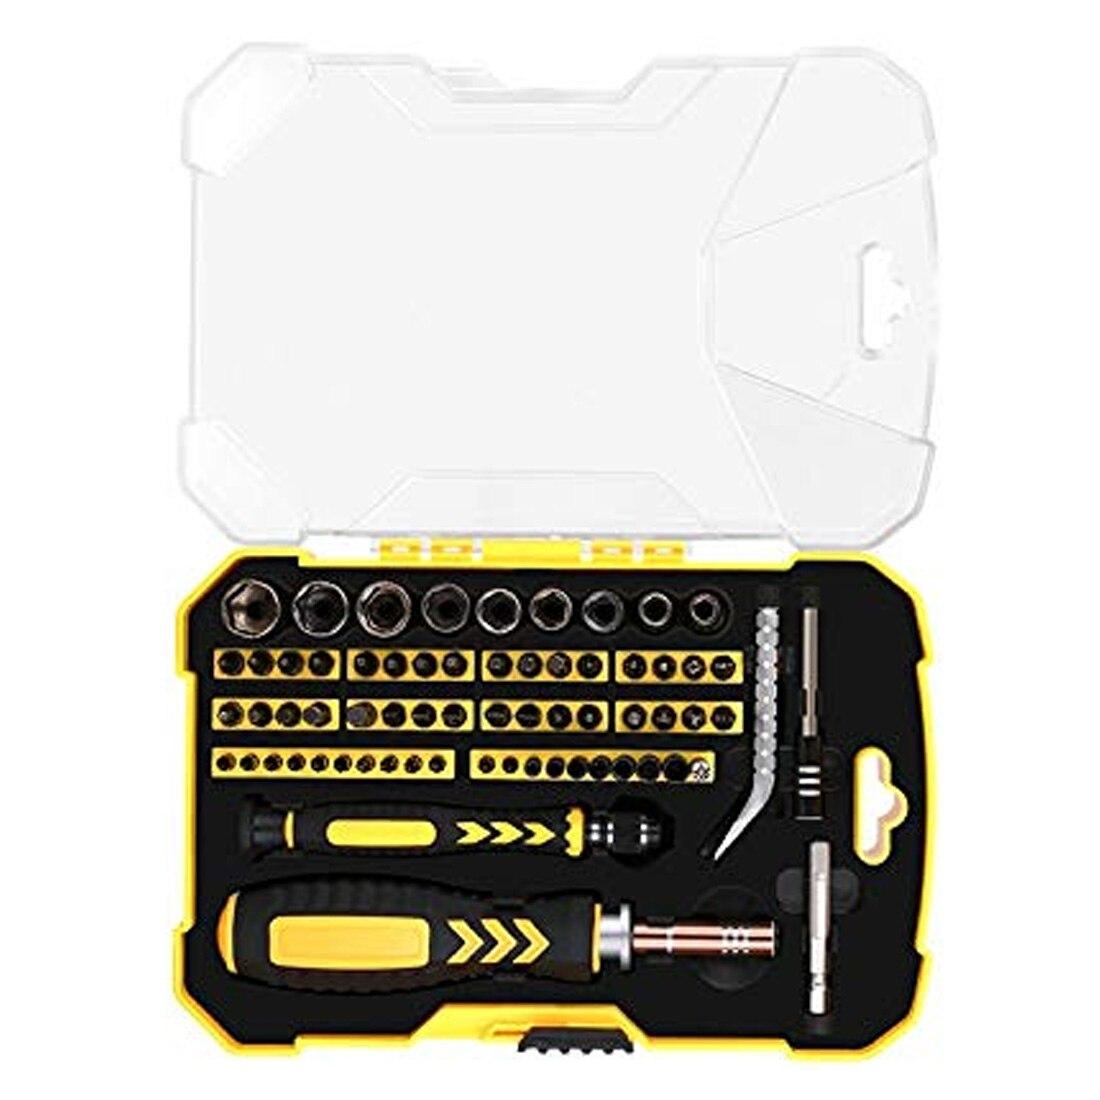 Jeu de tournevis multi-fonction ordinateur PC téléphone portable numérique appareil électronique réparation main outils à la maison Bit